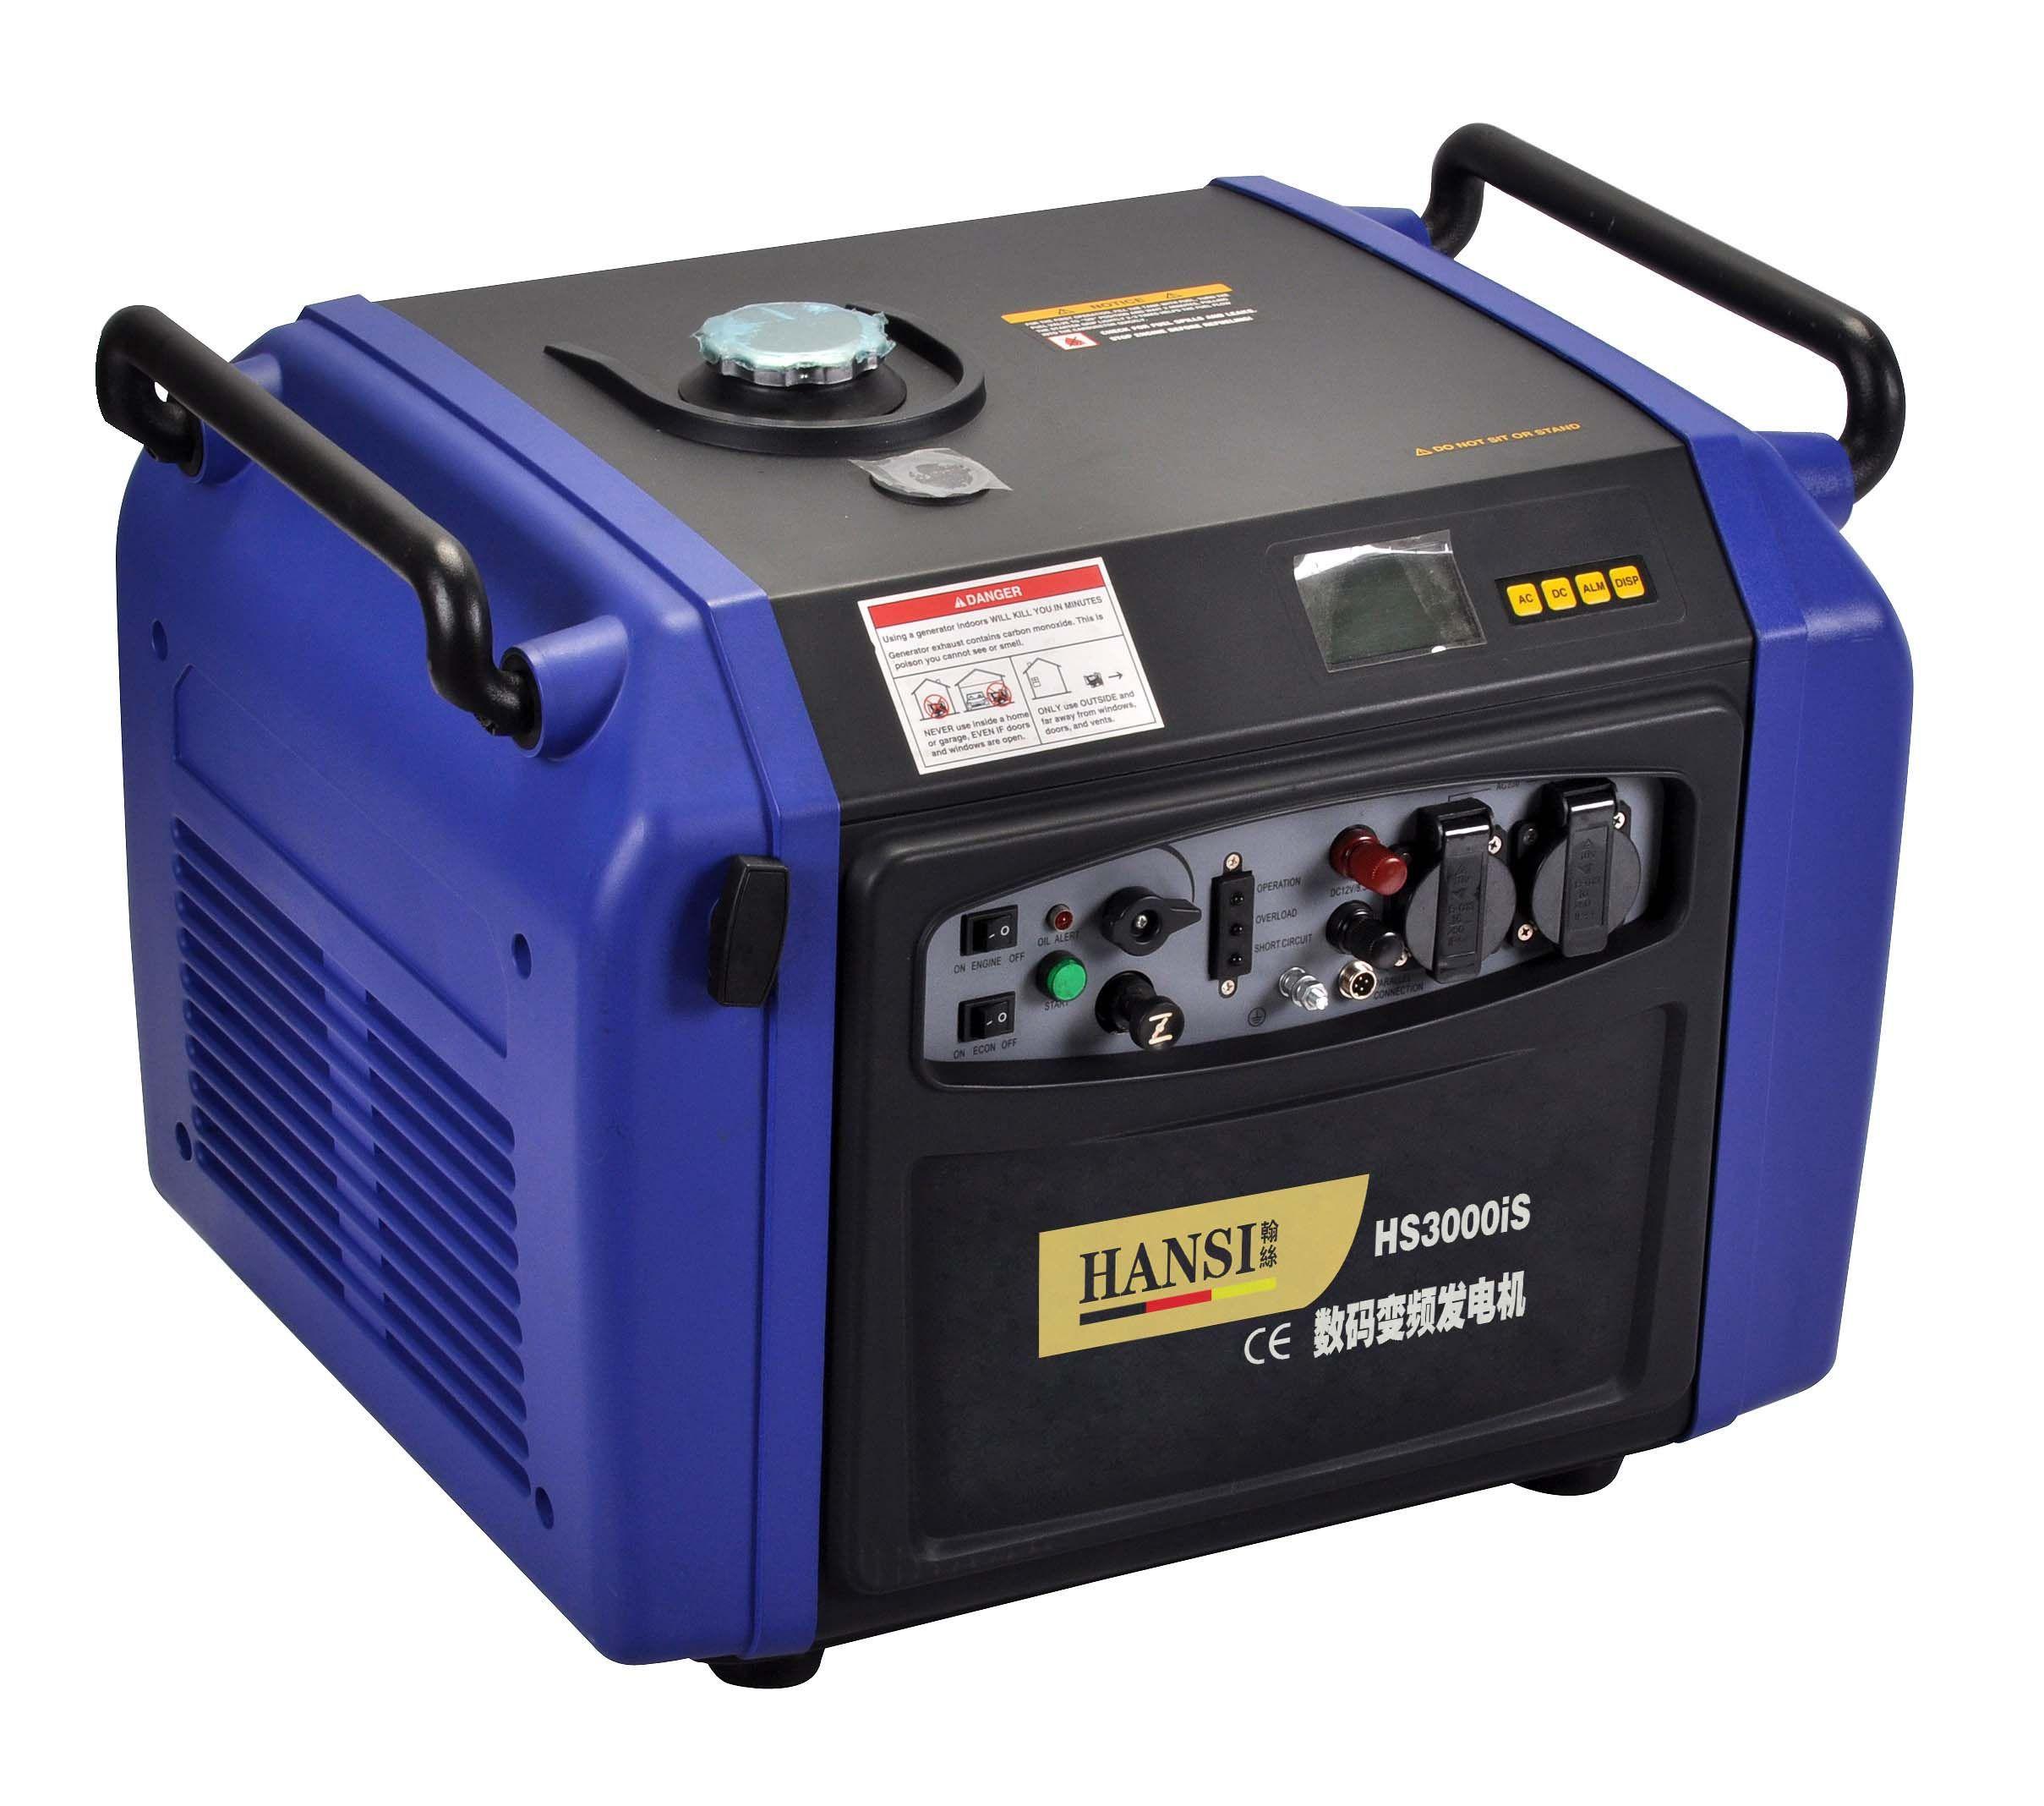 汽油发电机主要优点: ·省油:优良的燃烧效率产生极高的经济效益。 ·宁静:无论何时无论何处都能使用的低噪音发电机组。 ·可靠:稳定的自动电压调节系统和机油警告系统,令人放心使用。 售后服务:凡是在我处购买的各种型号的汽油发电机组,将对所有购买客户作以下的保修承诺: 1.